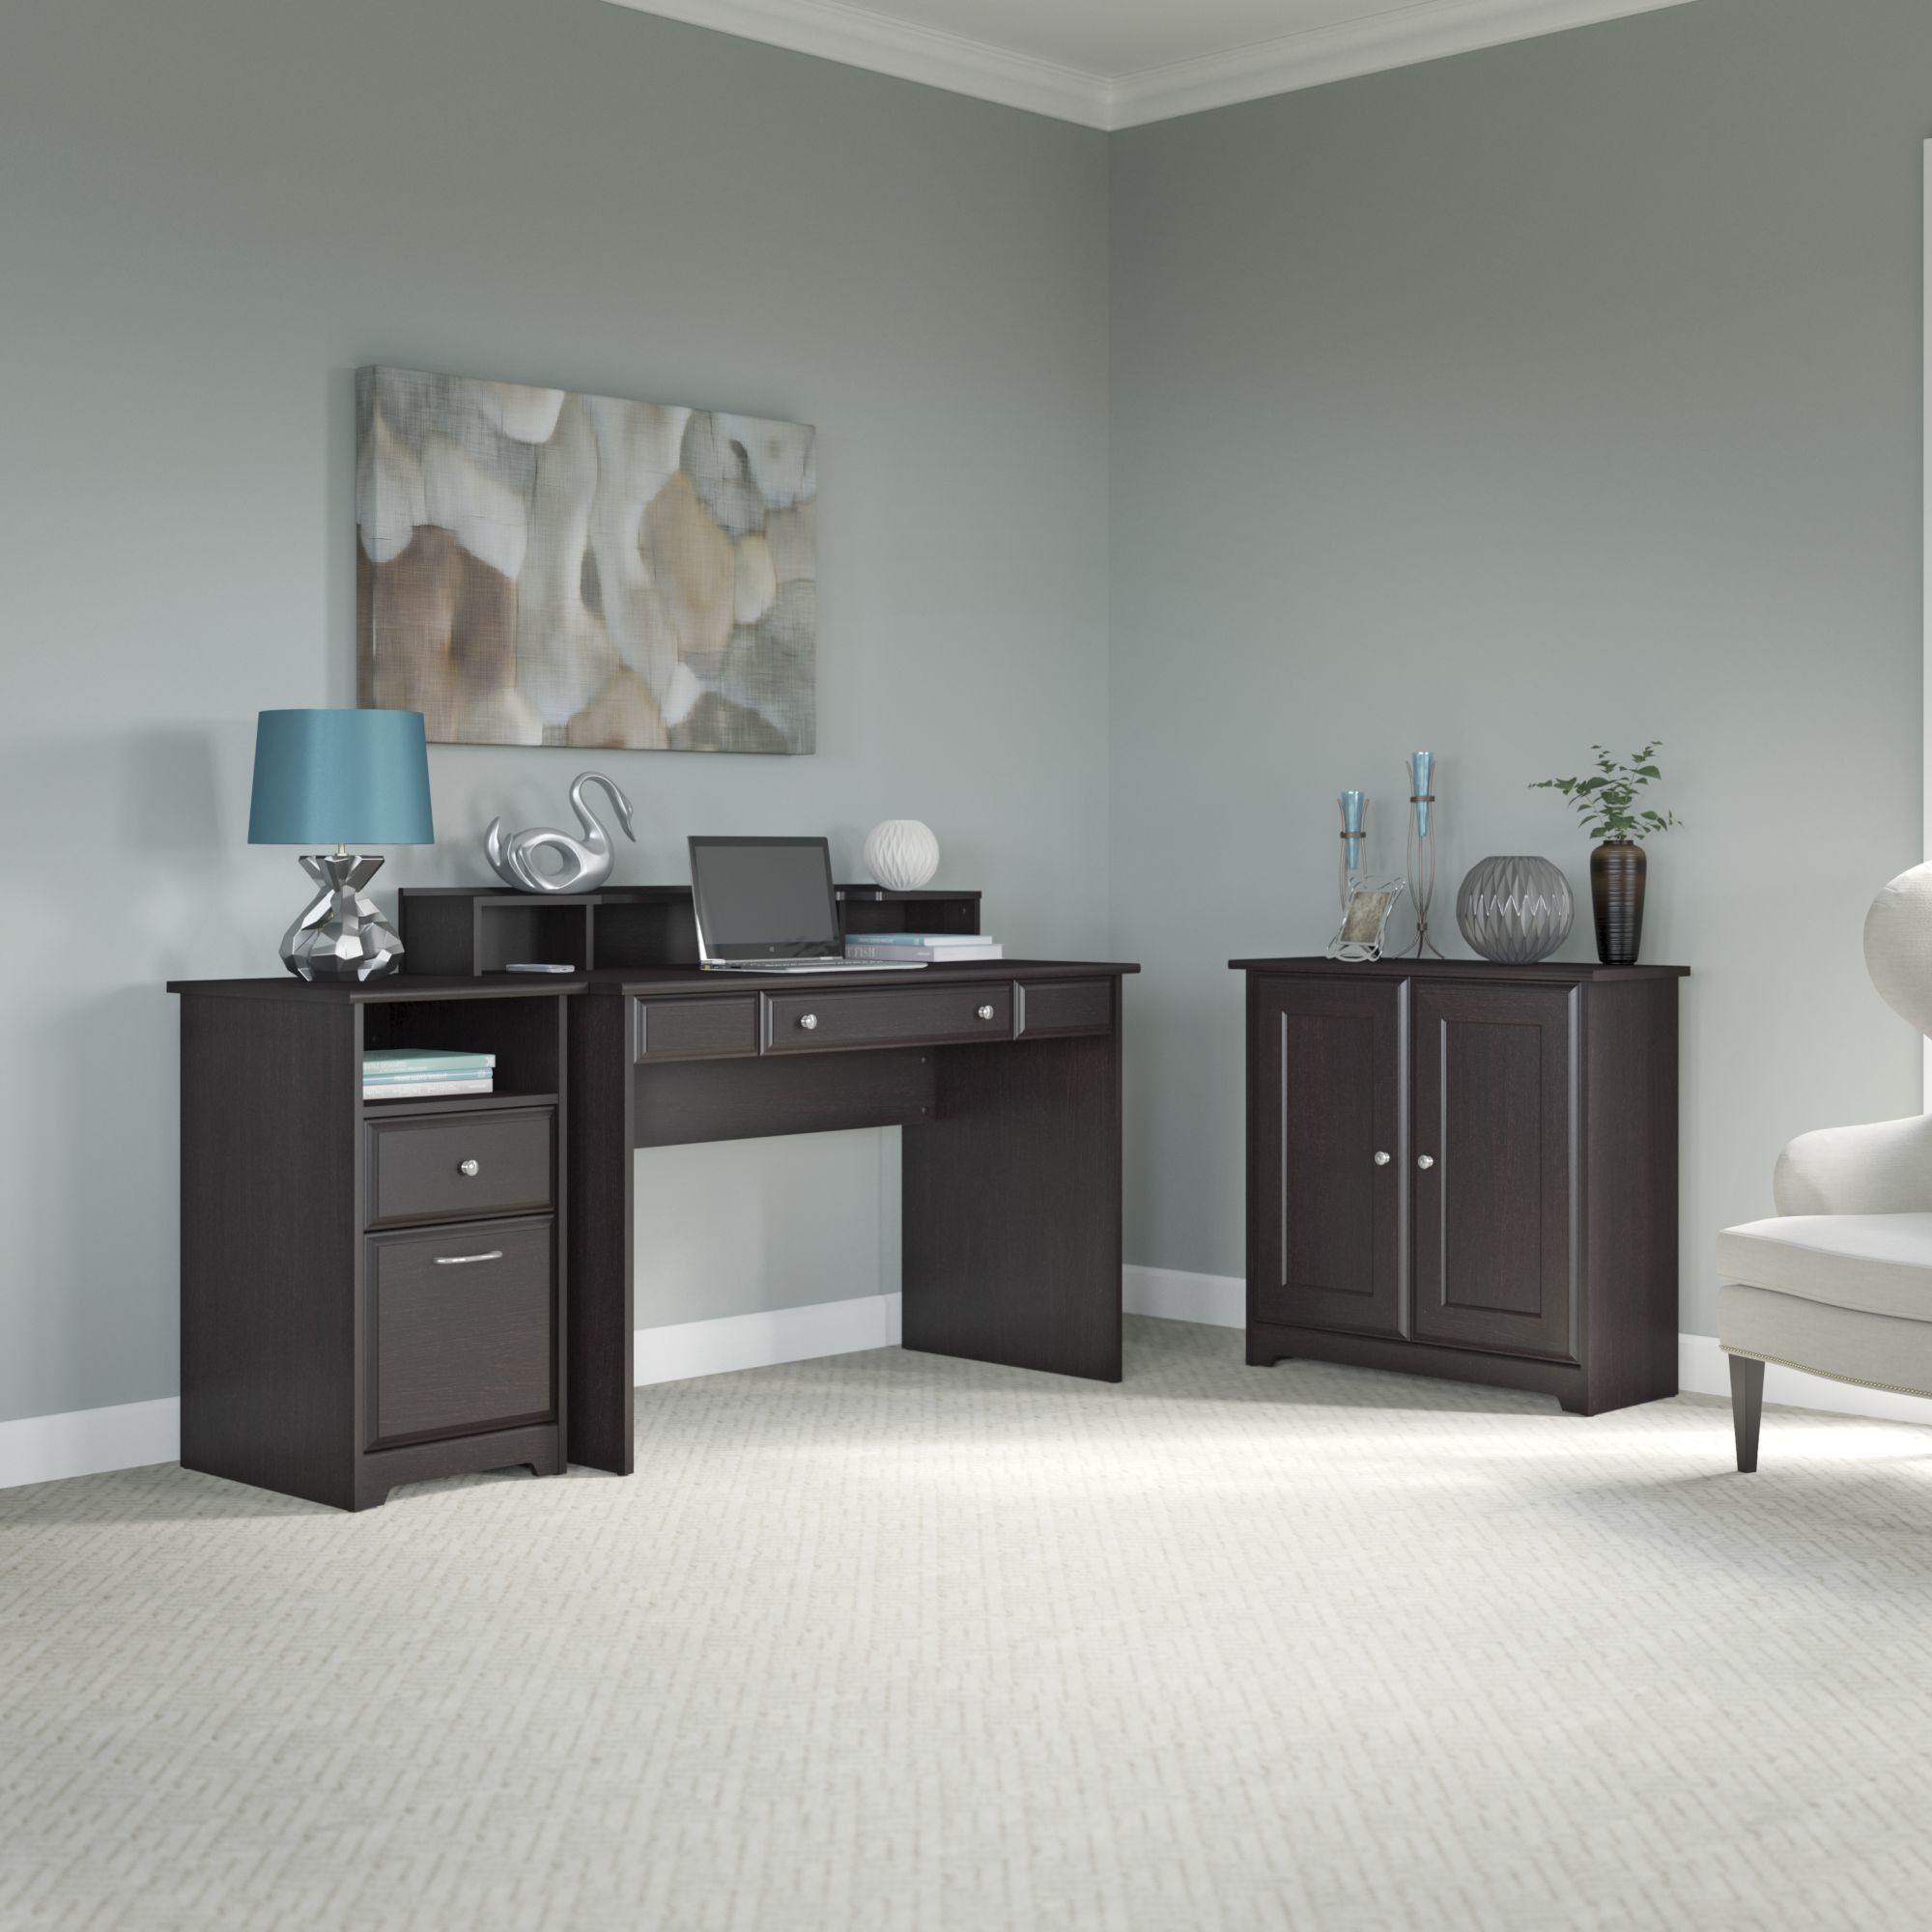 Hillsdale 3 Piece Standard Desk fice Suite